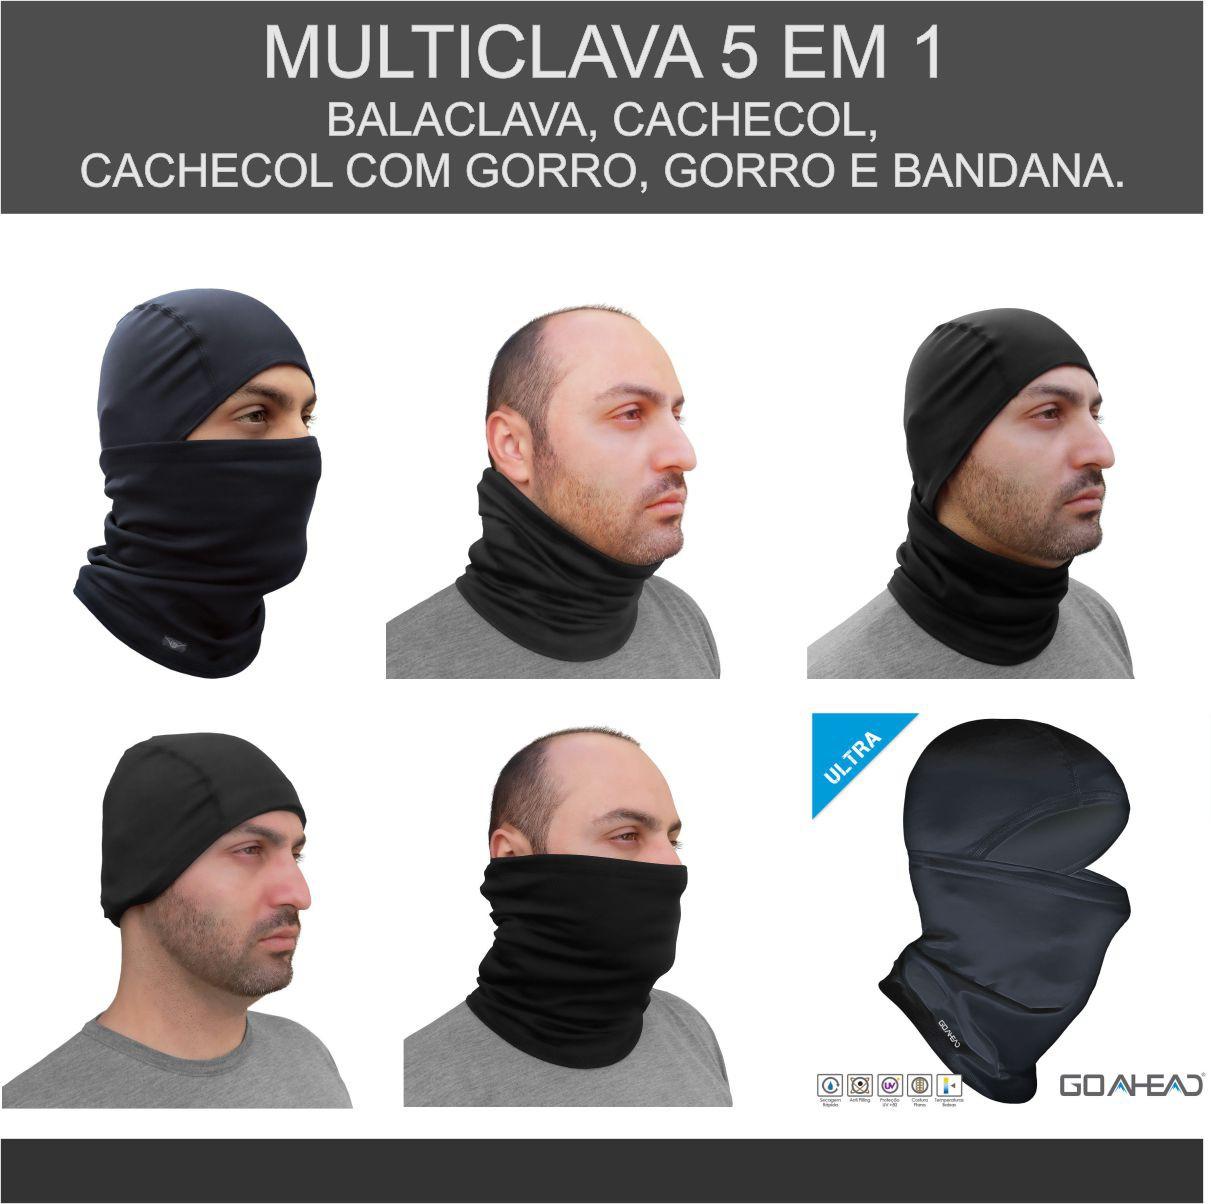 MULTICLAVA GO AHEAD PRETO TAMANHO ÚNICO EXTREME PROTEÇÃO FRIO EXTREMO INVERNO